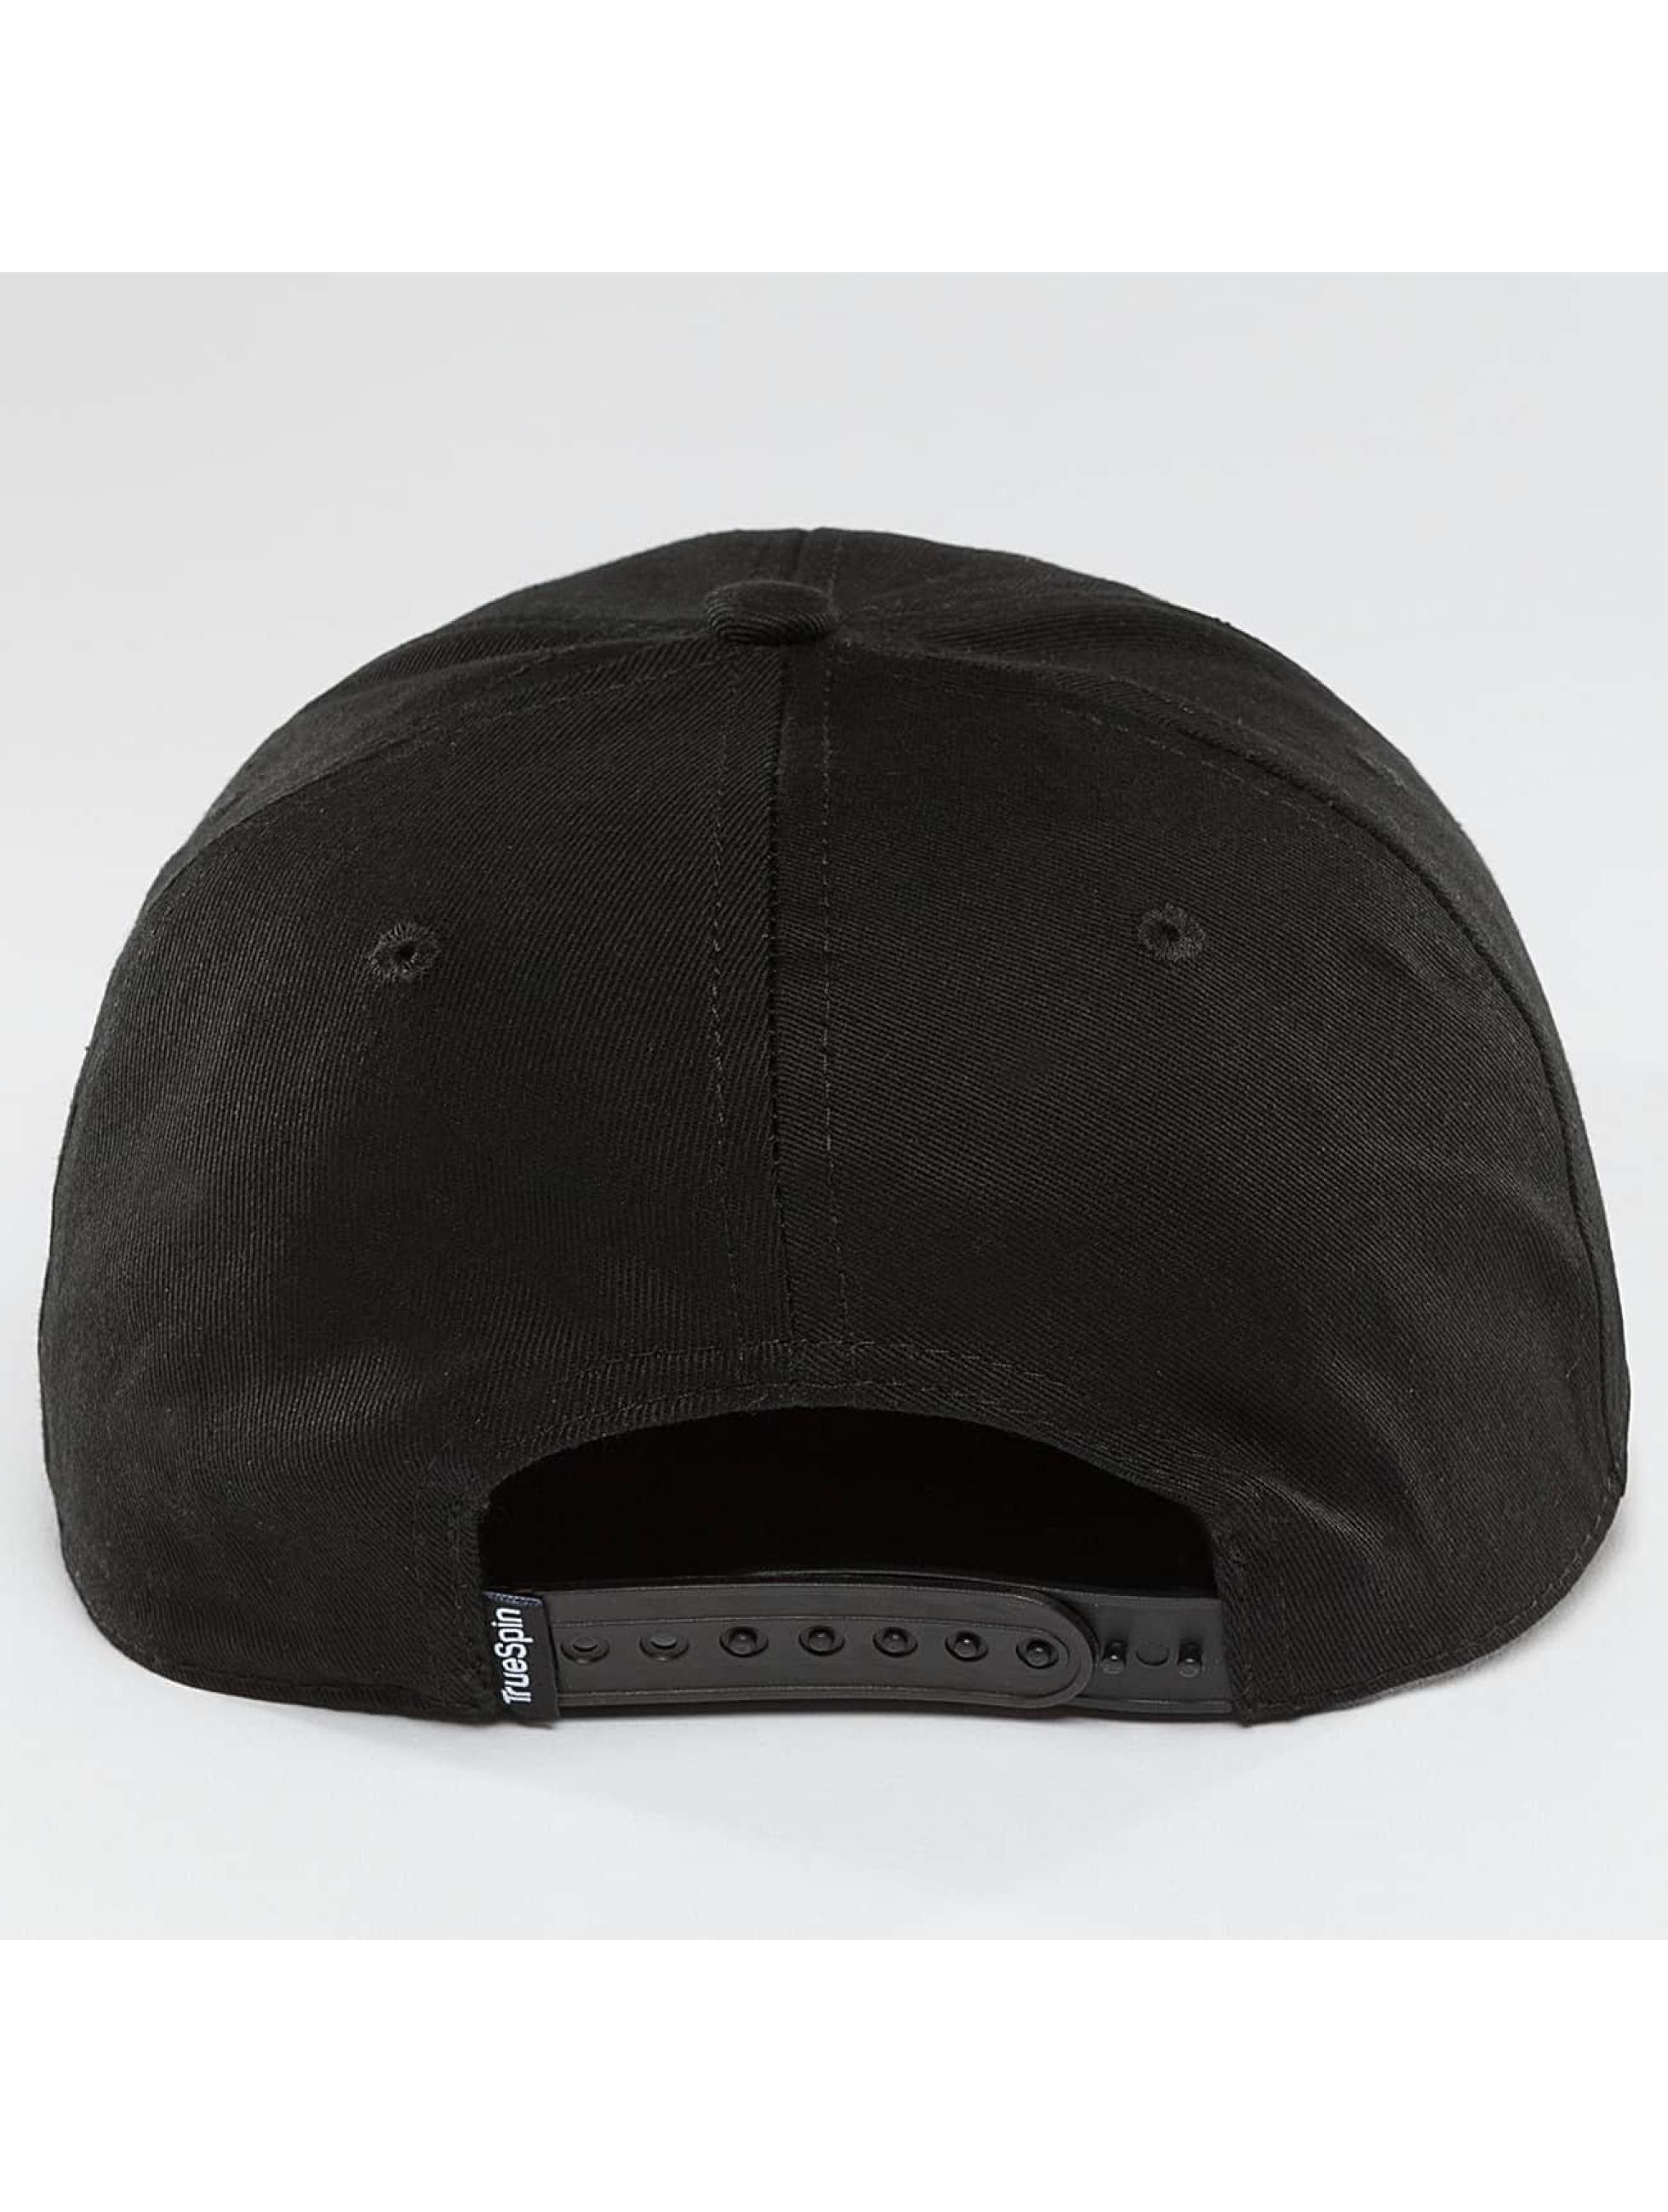 TrueSpin Casquette Snapback & Strapback Täskulap noir